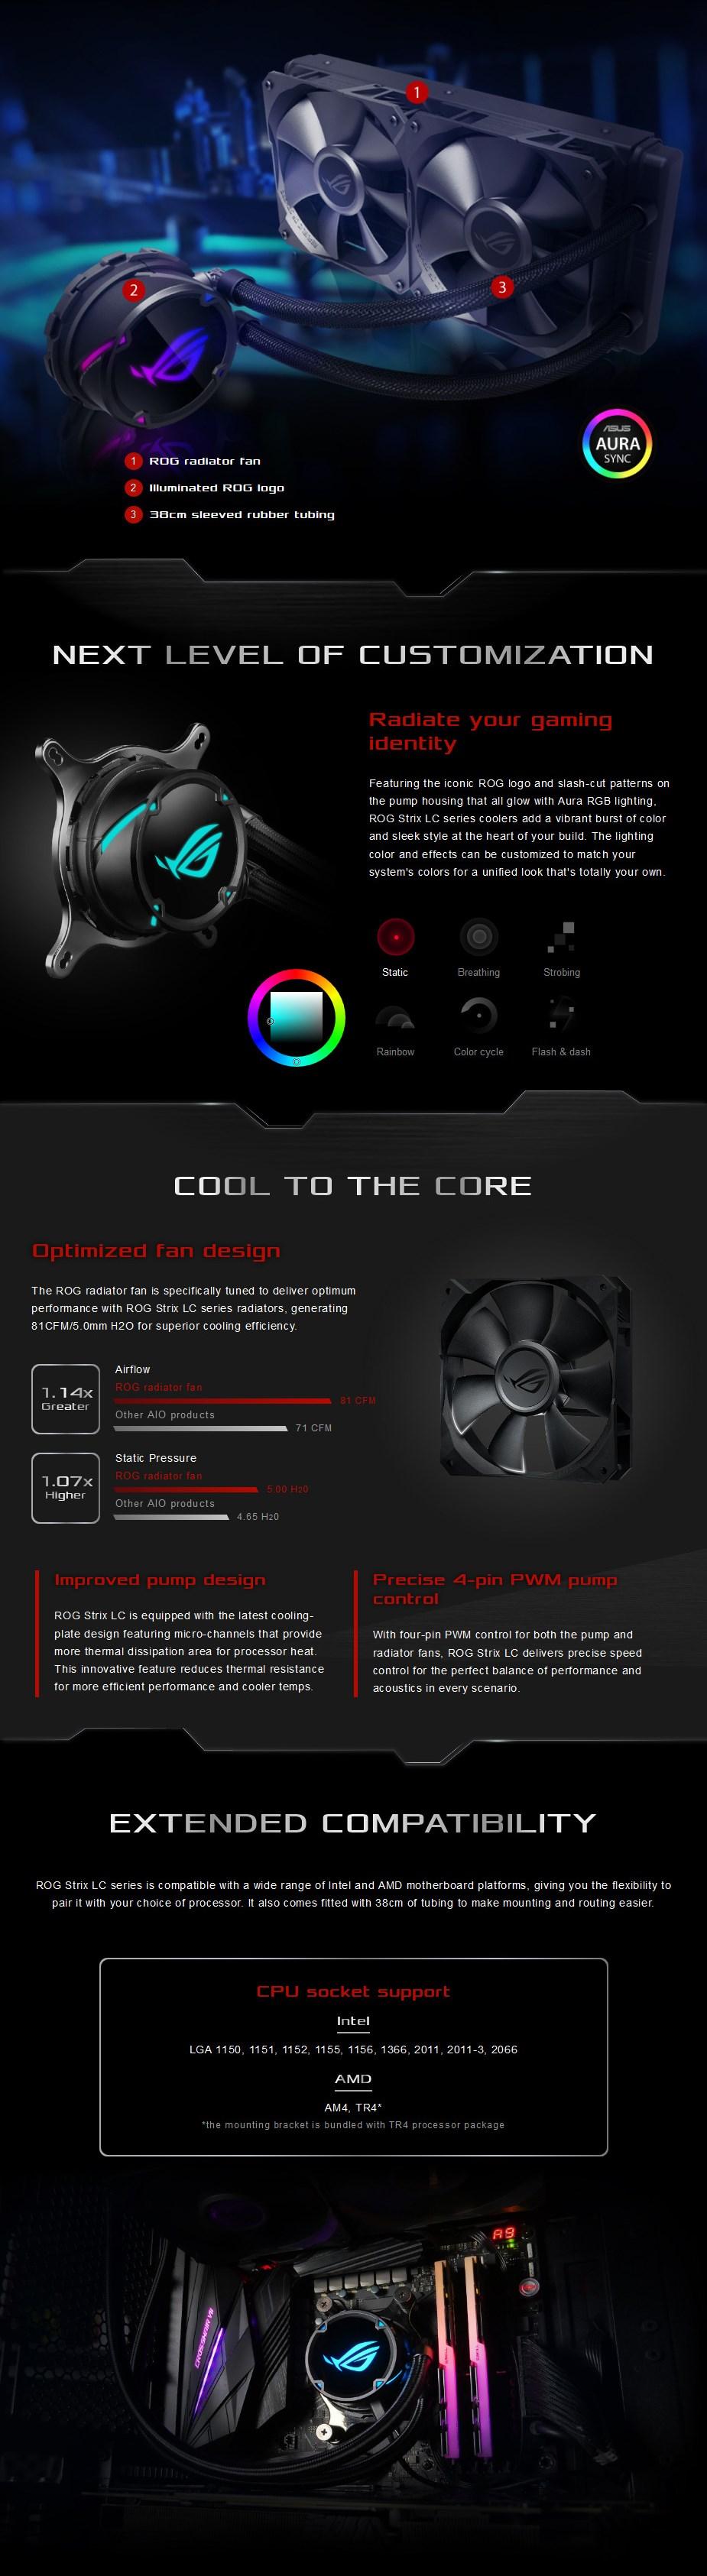 ASUS ROG Strix LC 240 RGB AiO Liquid CPU Cooler - Overview 1